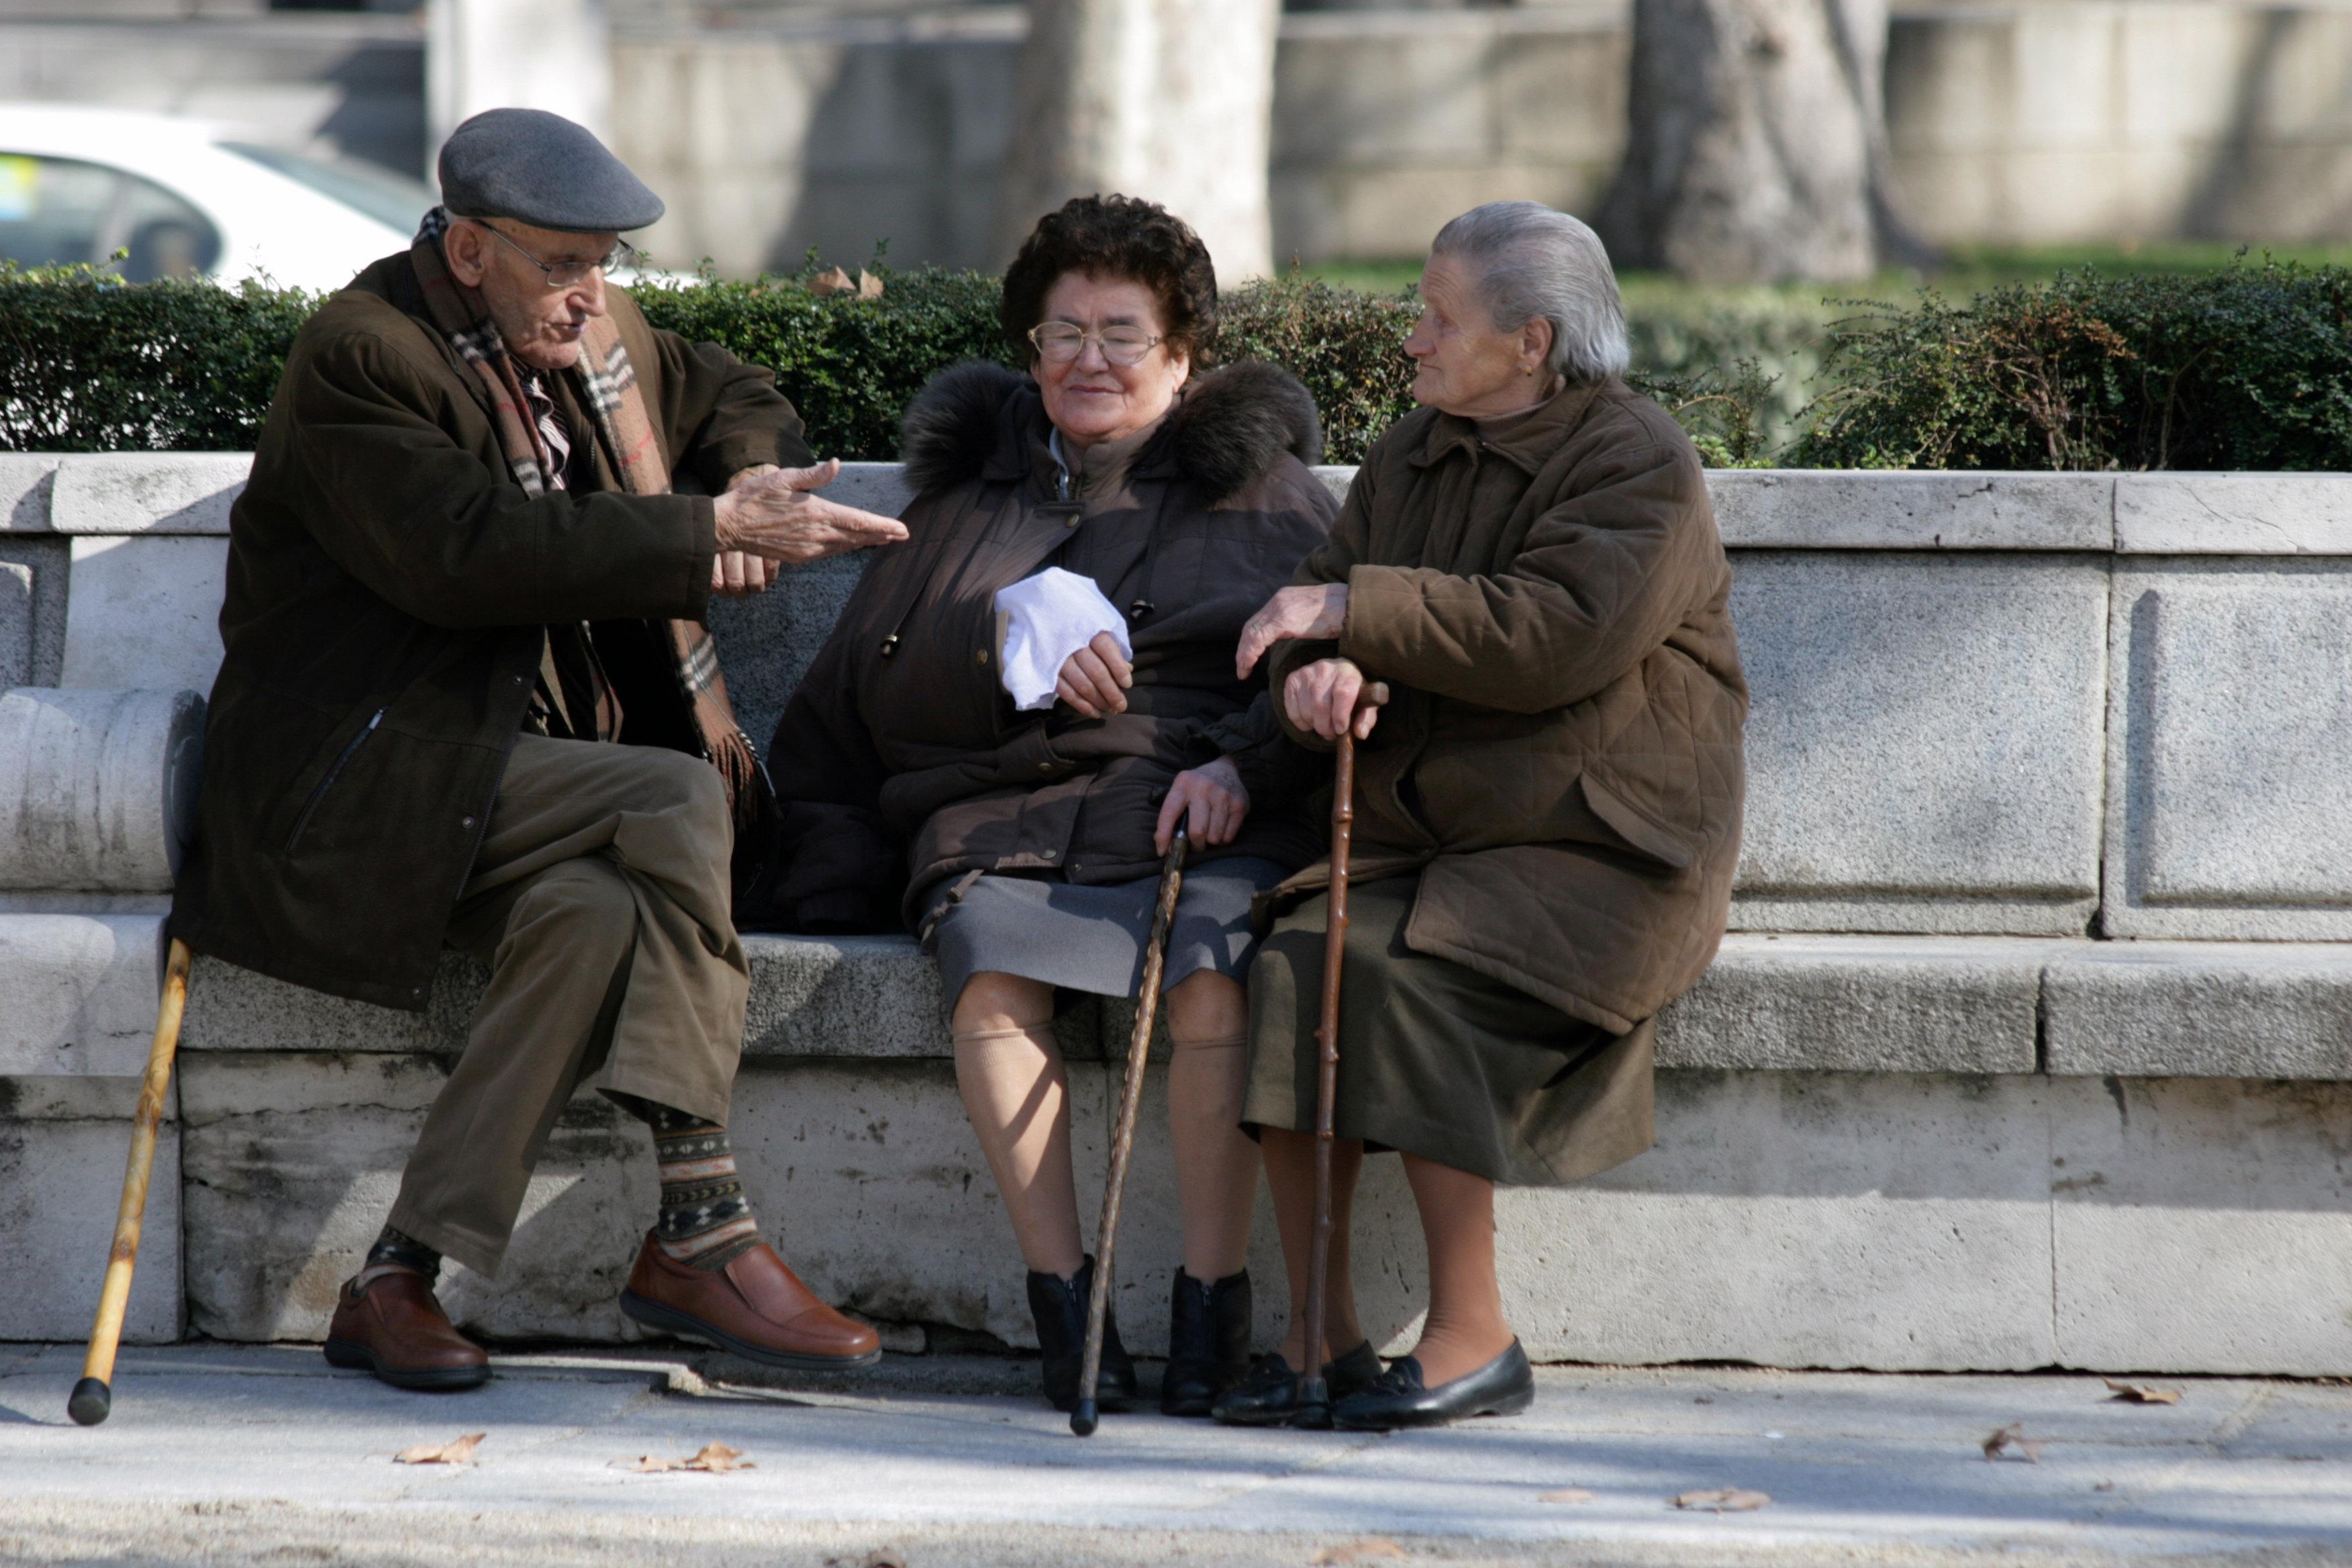 пенсионери, възрастни хора, баба, дядо